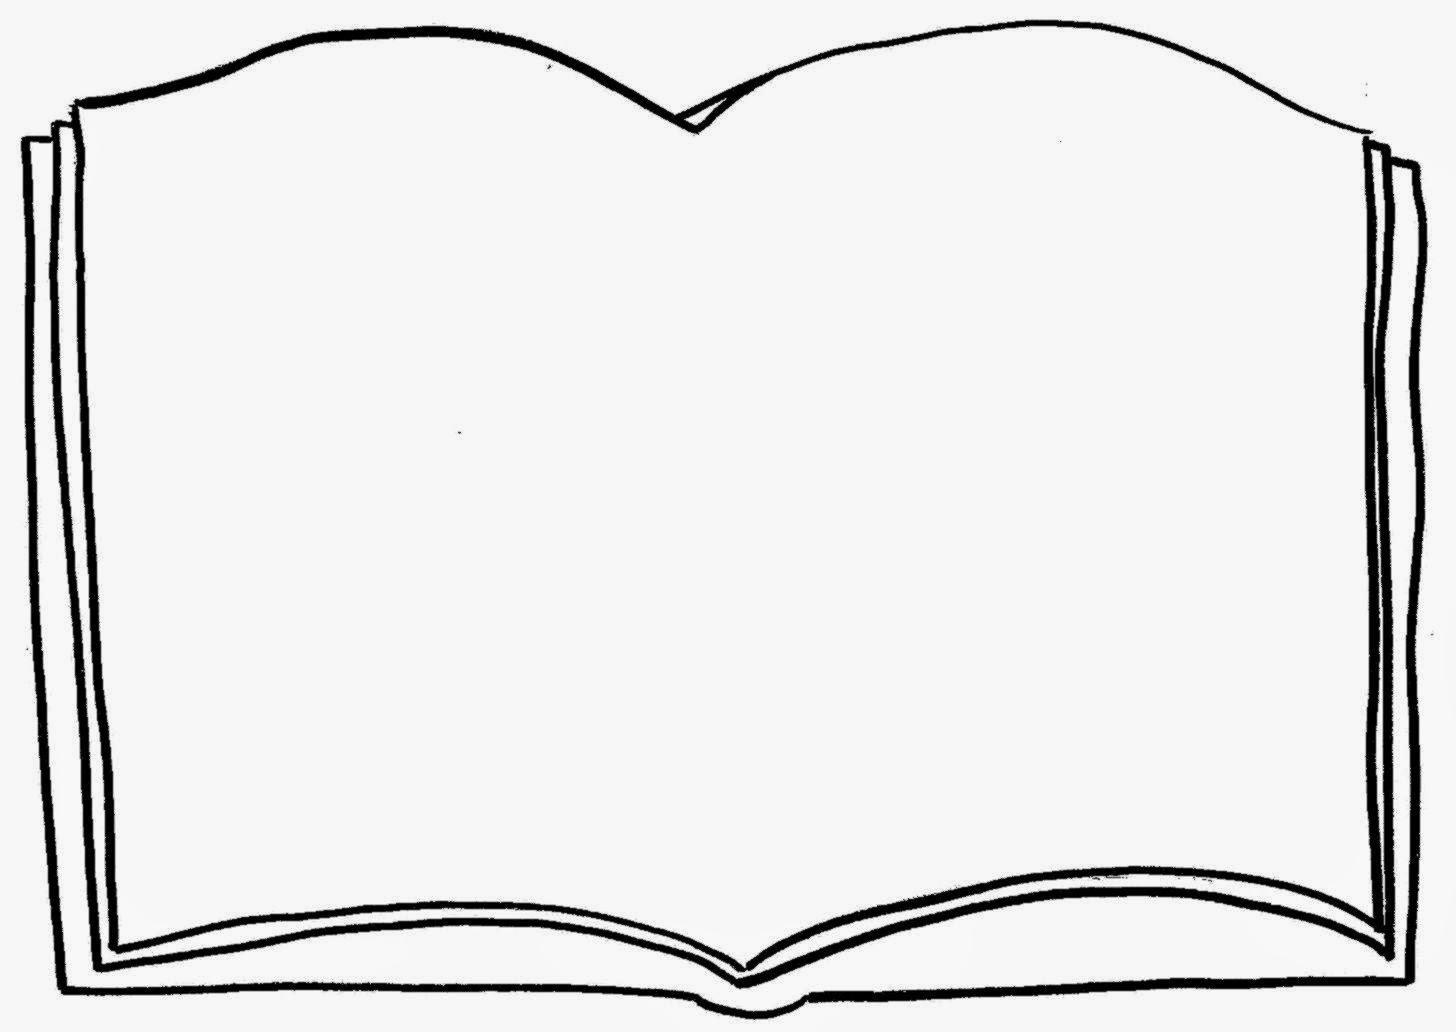 An Open Book Clipart